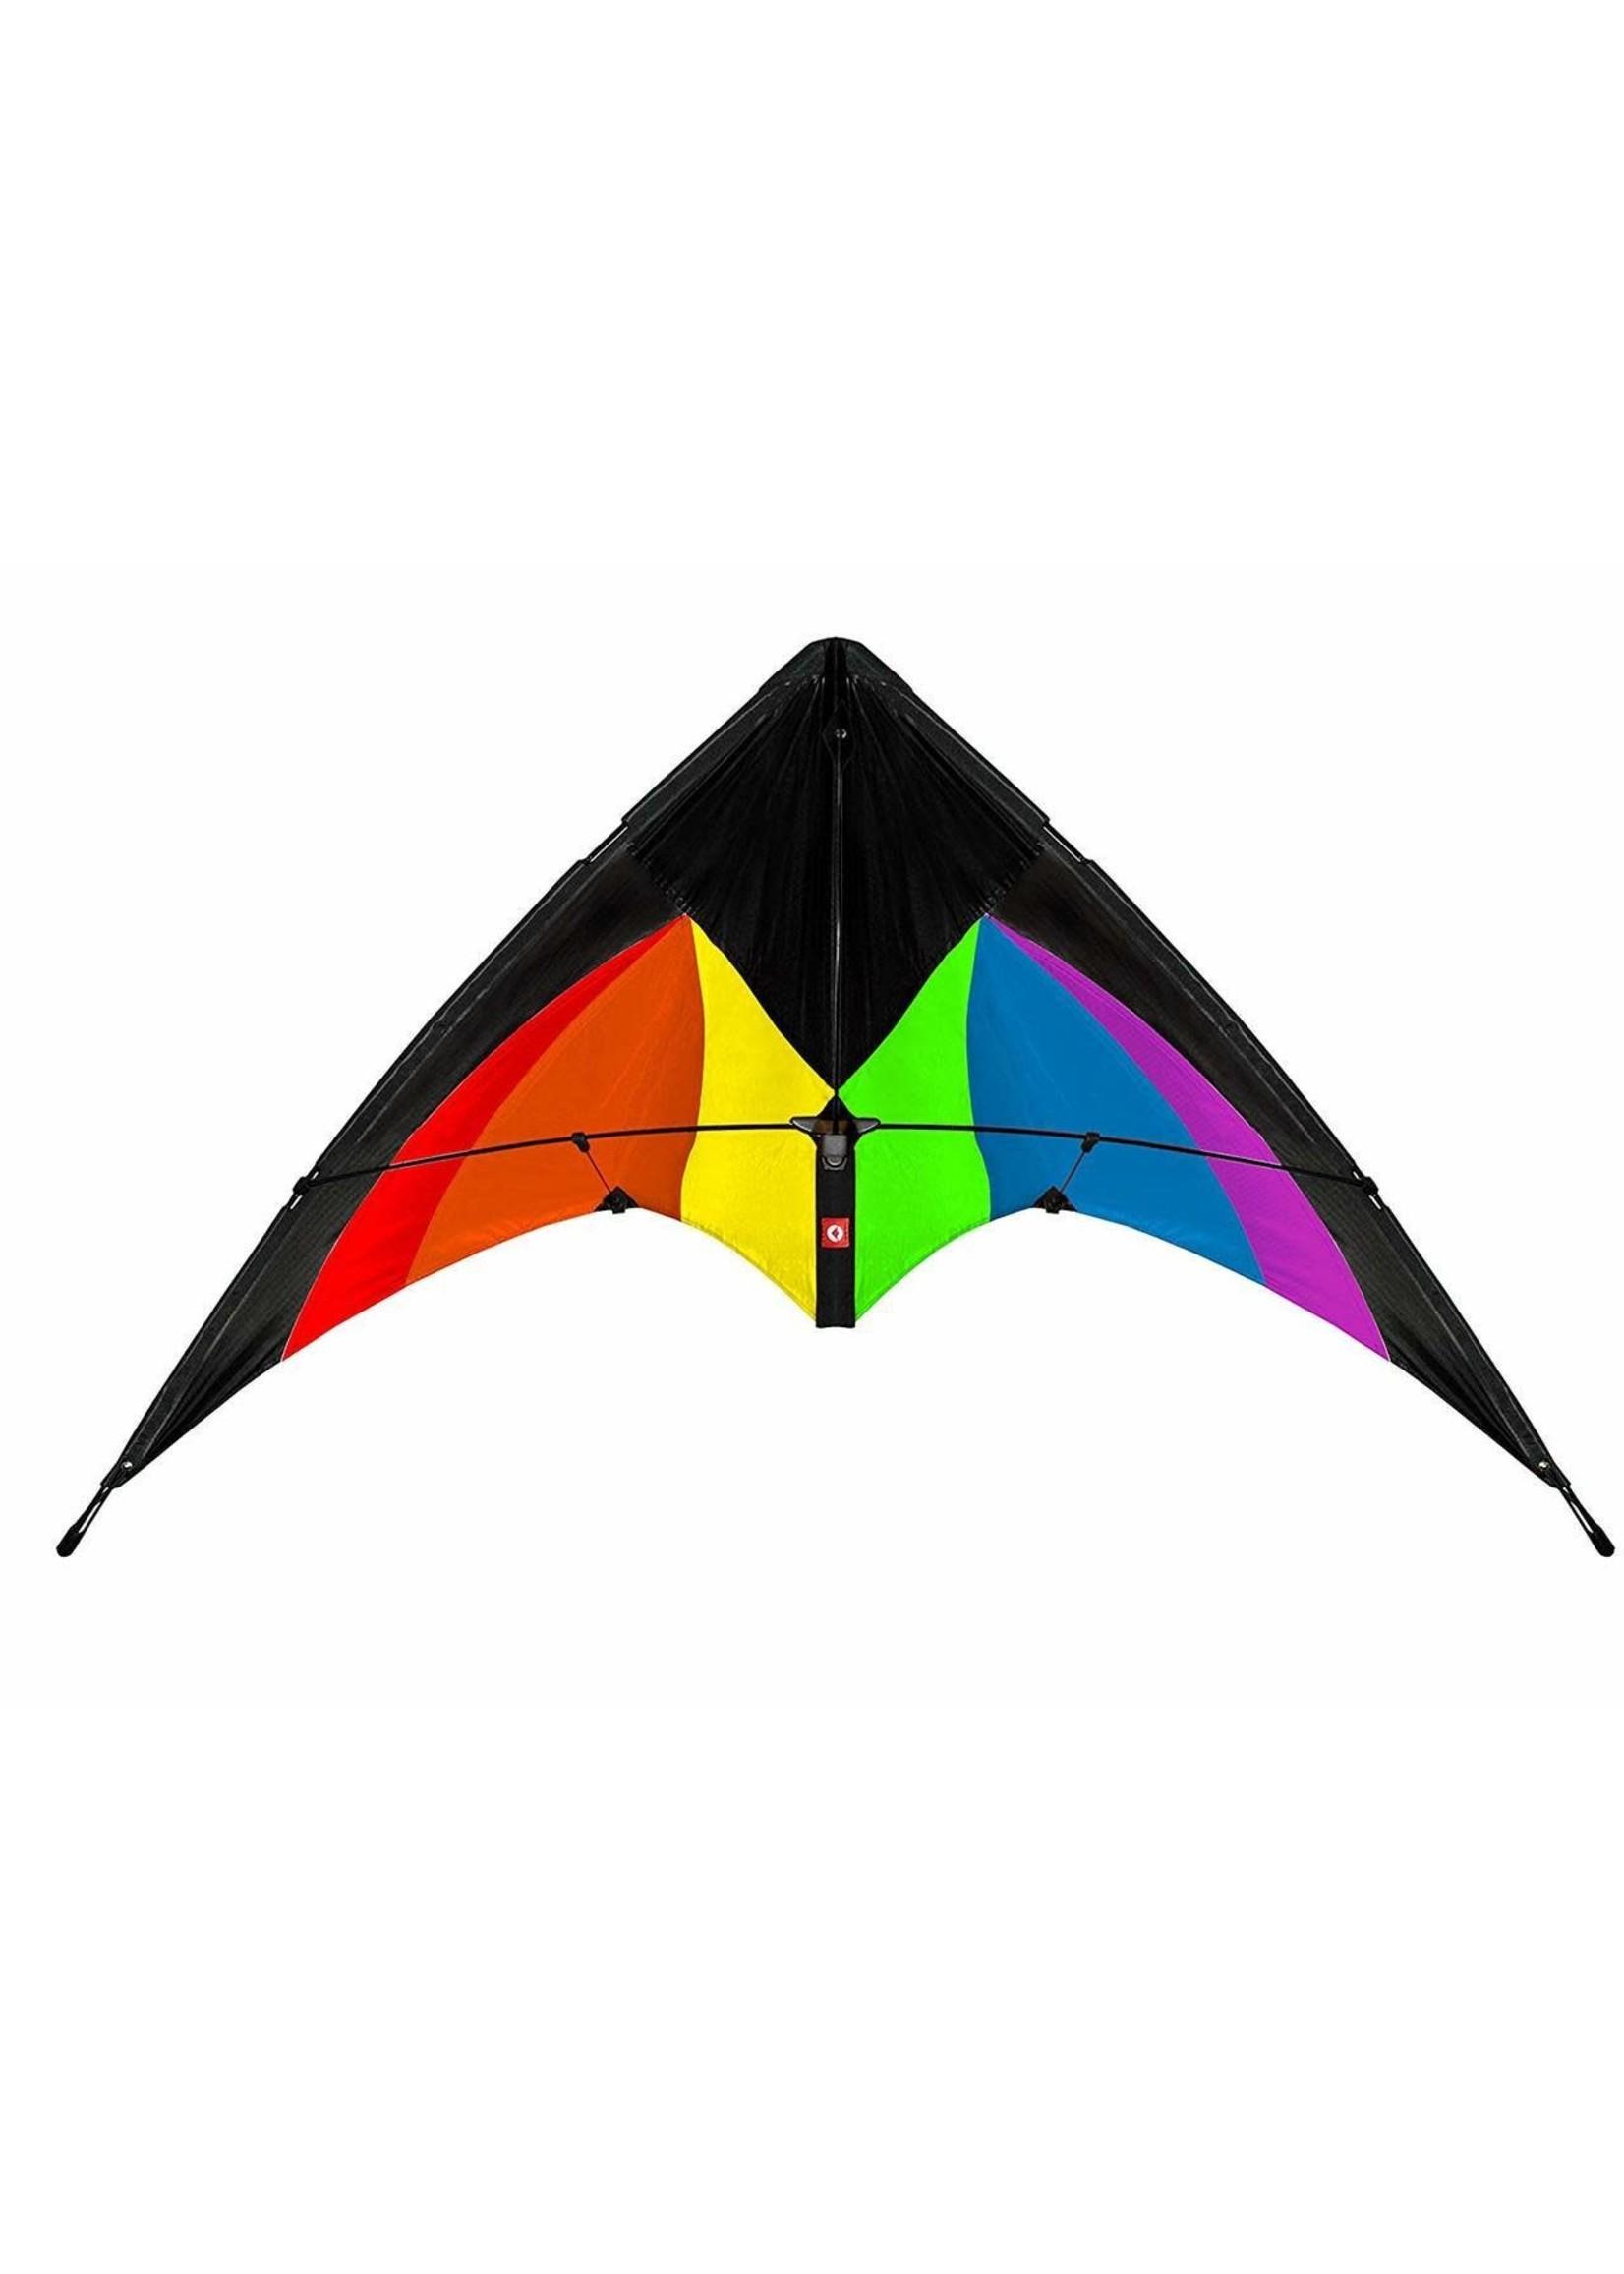 Aerobie Aerobie Pop Up Stunt Kite